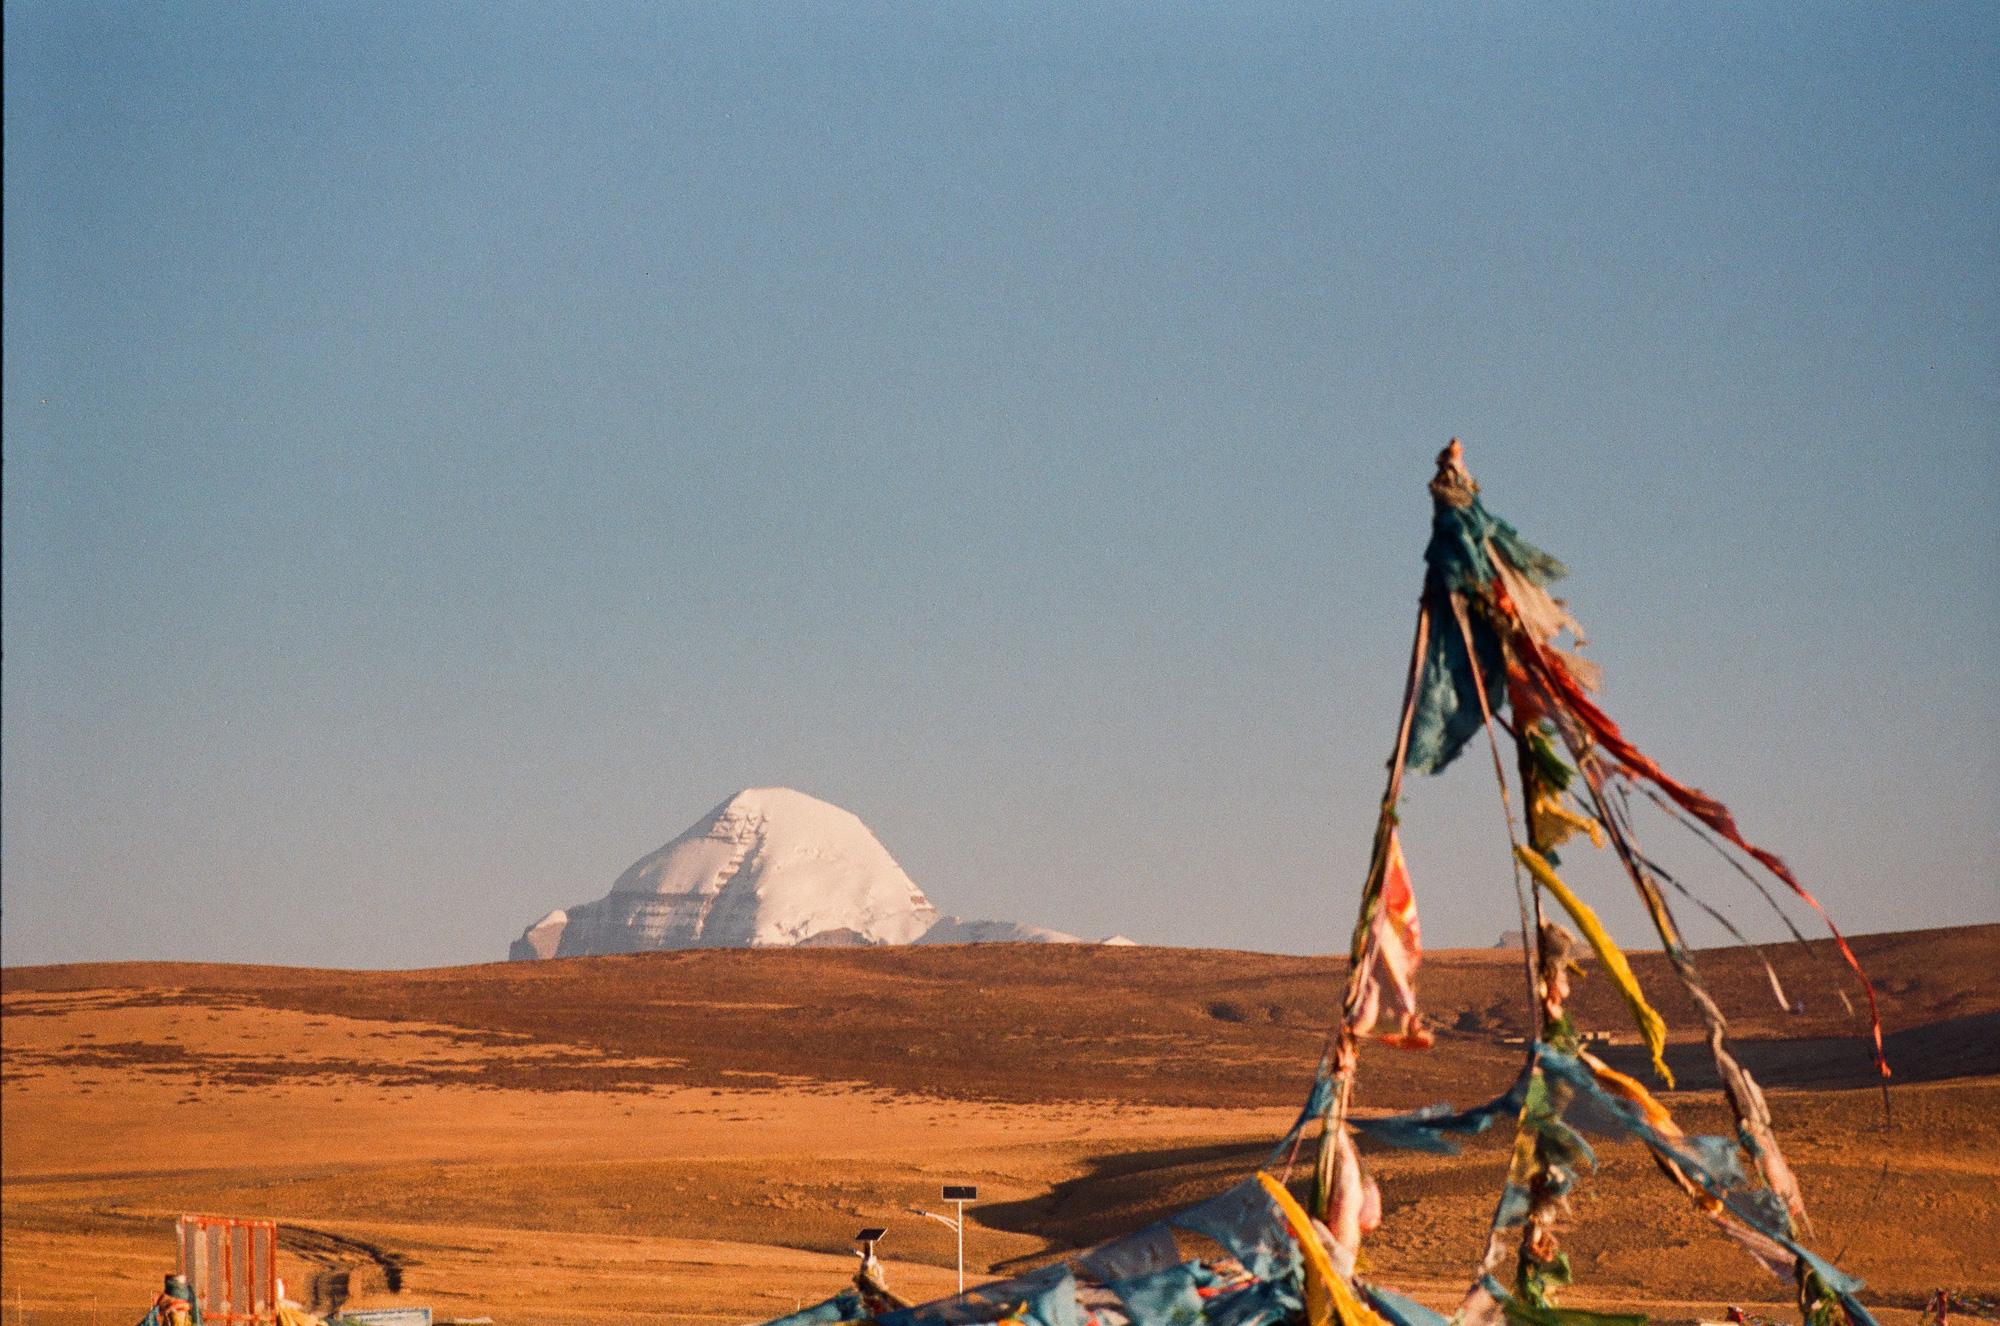 """Nguyễn Mạnh Duy, chủ dự án """"Ngôi nhà văn hoá Tây Tạng"""": """"Xứ tuyết Himalaya dẫn tôi tìm thấy hạnh phúc"""" - Ảnh 2."""